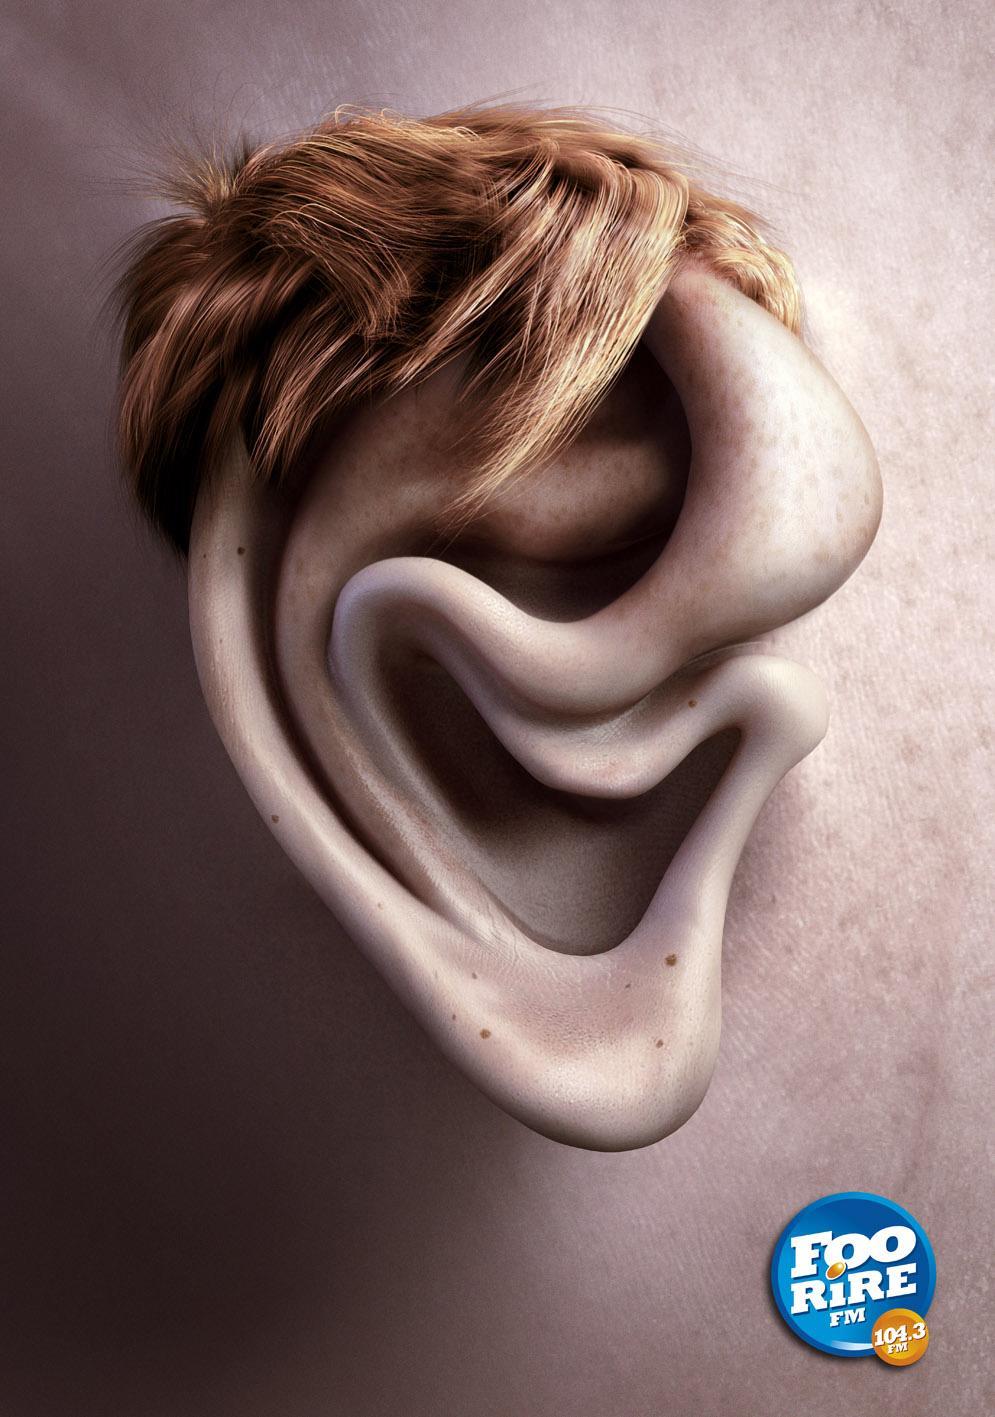 Foorire FM Print Ad -  Didier Risette